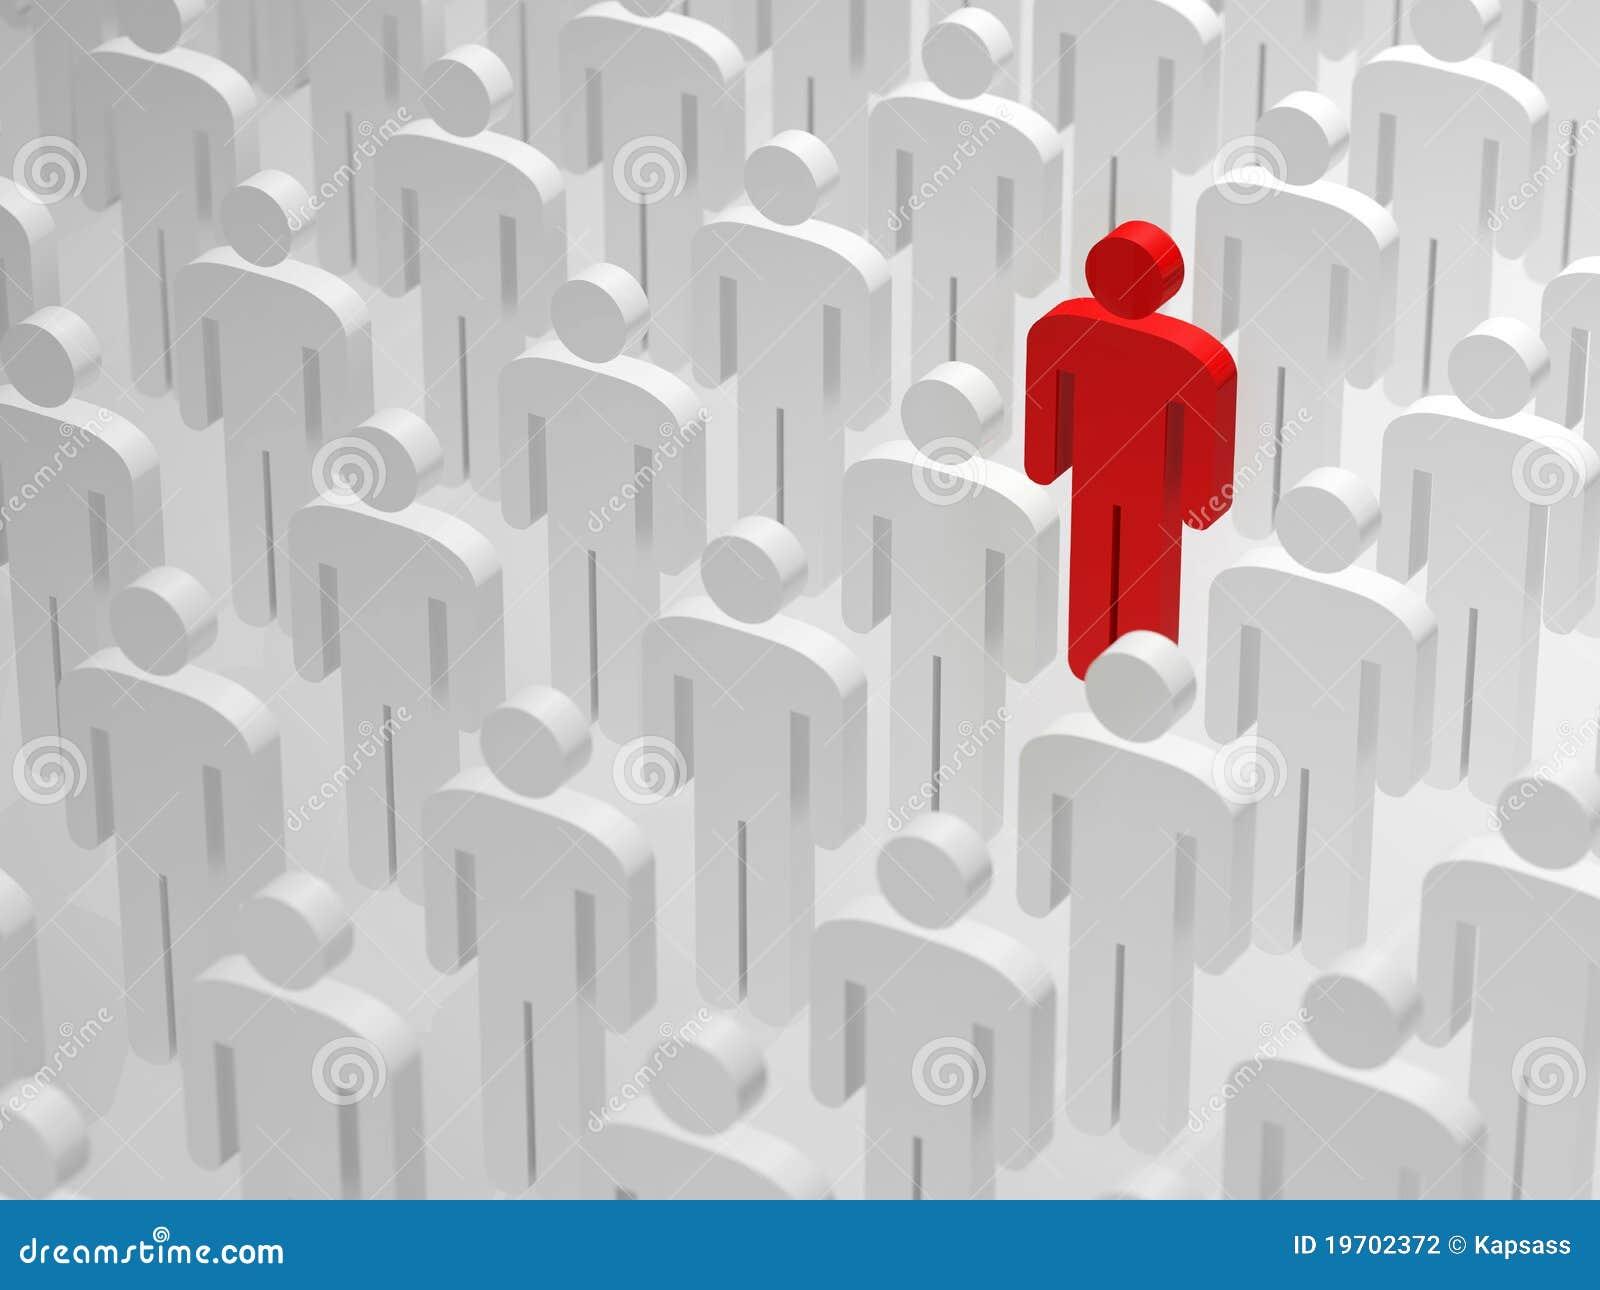 Und Stellung heraus zu der Masse unterschiedlich sein